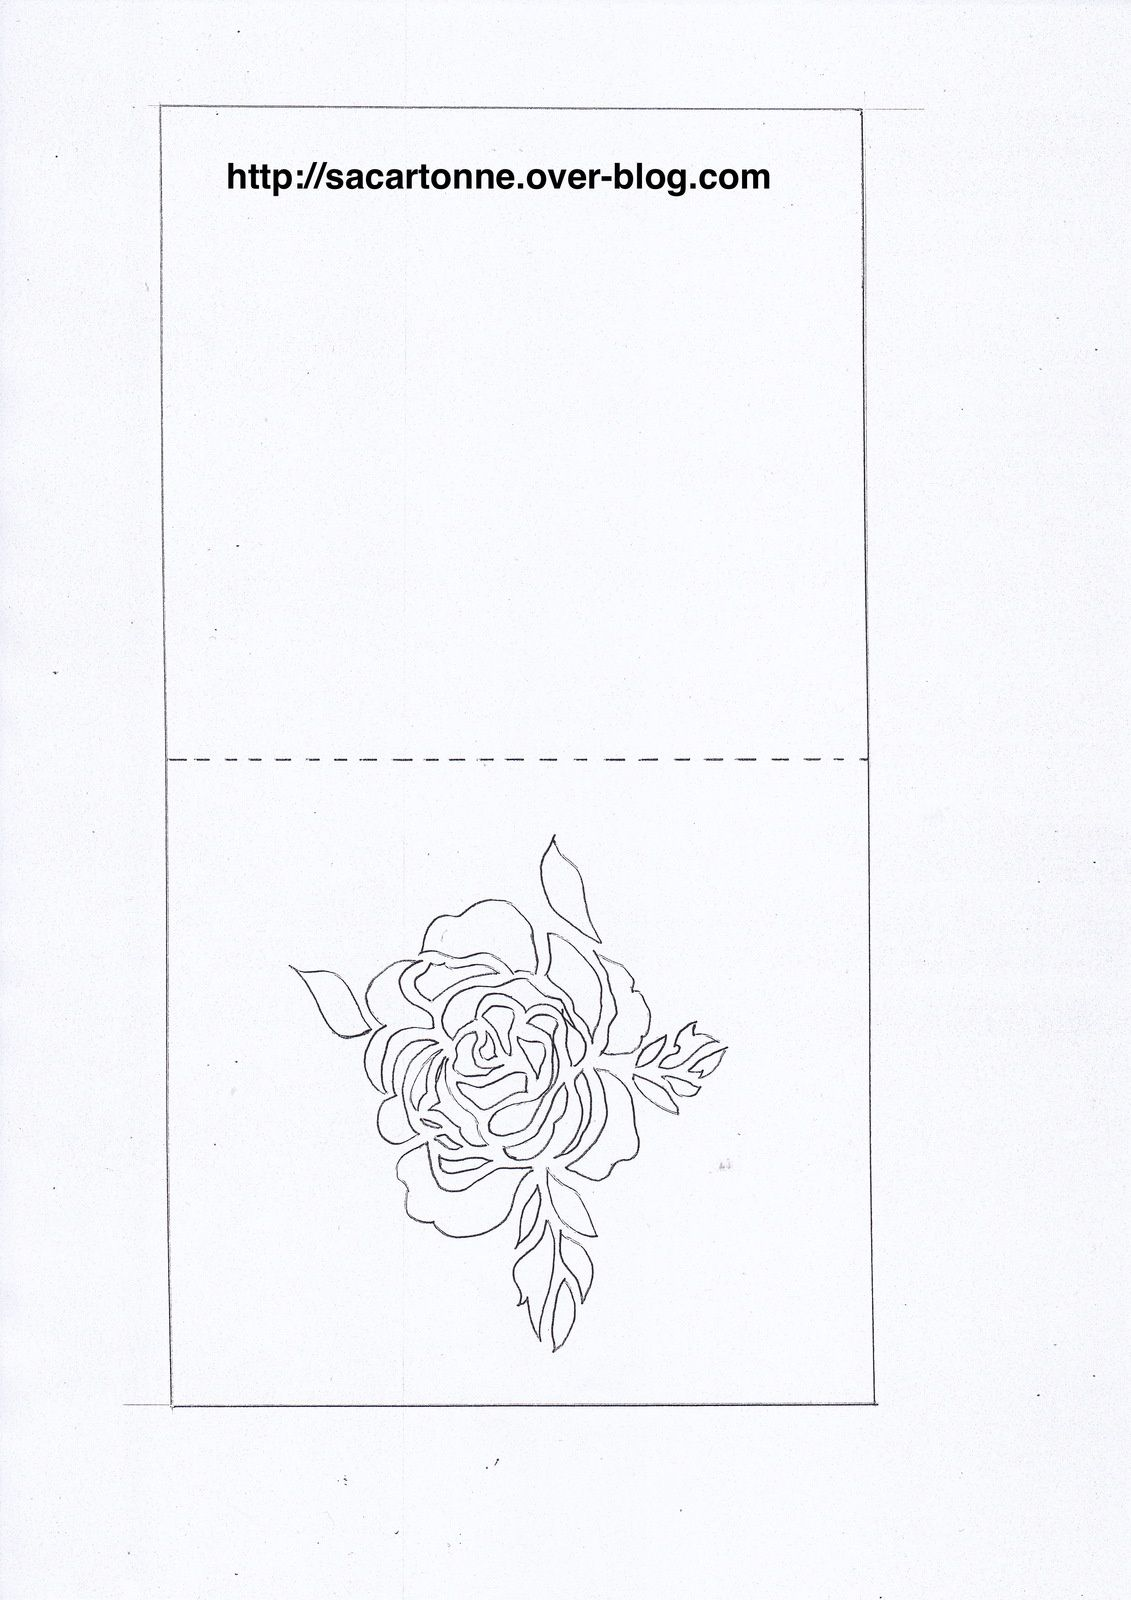 Gabarit gratuit Kirigami fleur | Pop, Schablone und Silhouetten